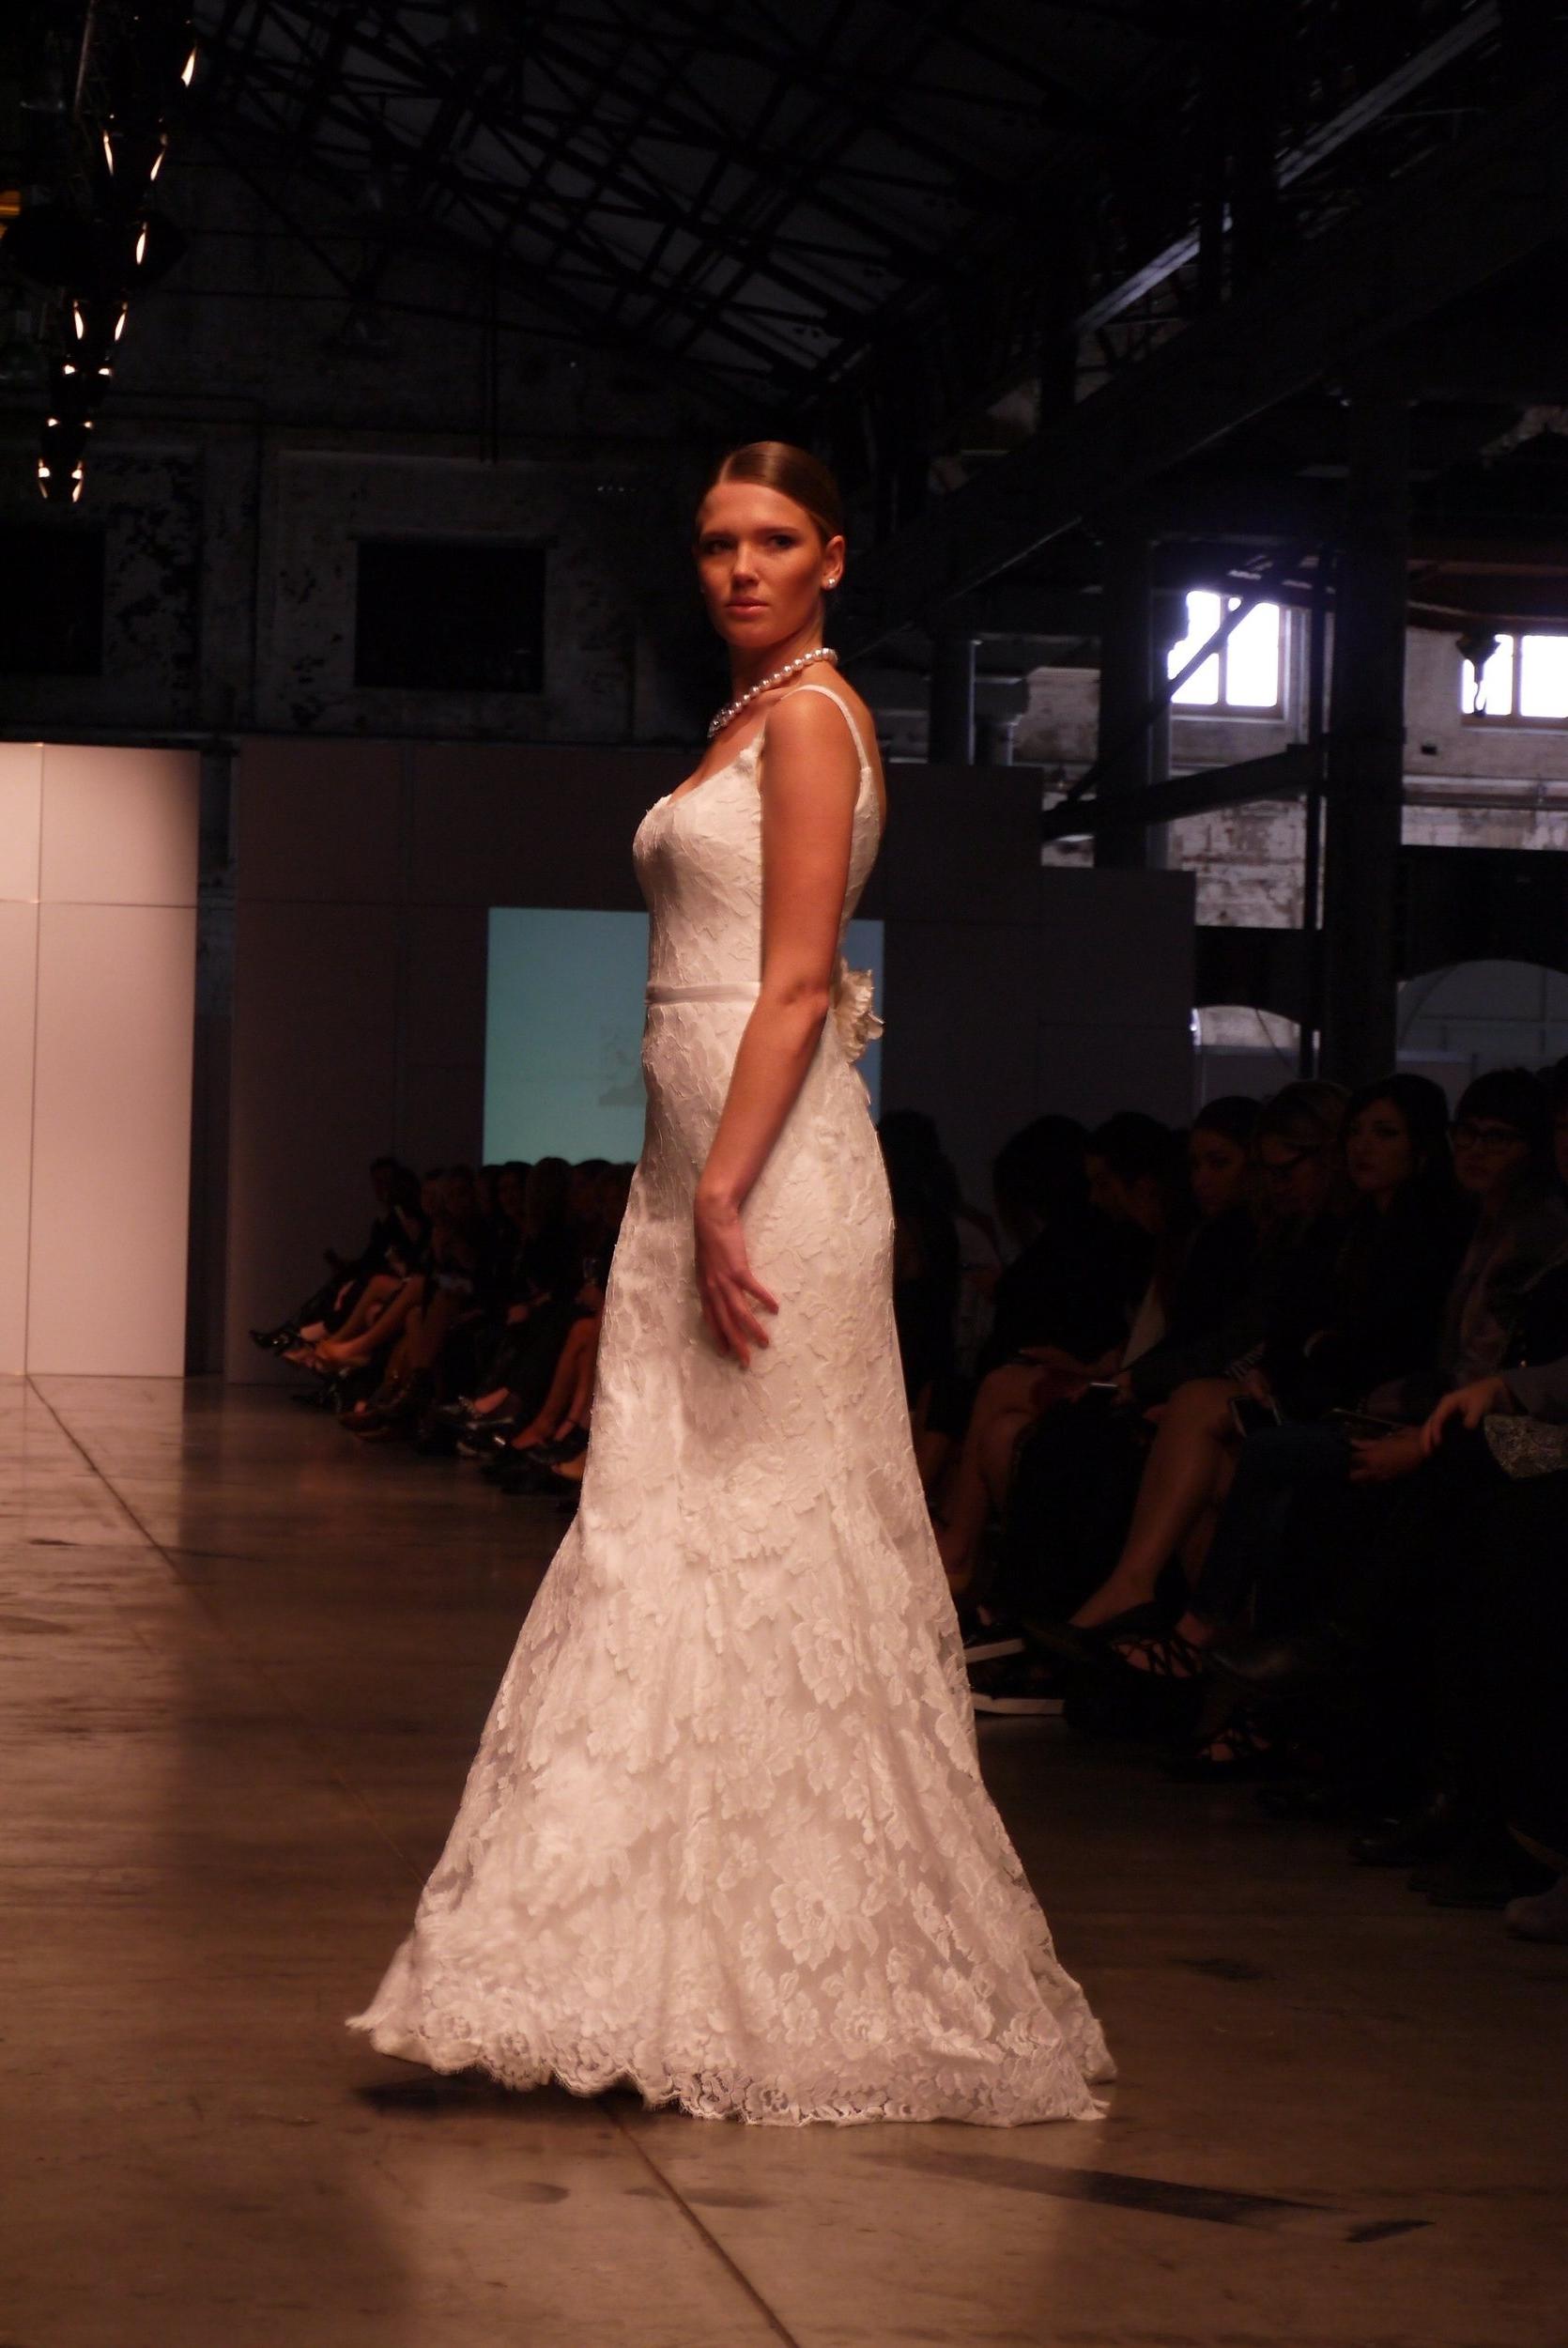 10 Tanya Anic Bridal_Summer gown design australian bridal fashion week sydney.jpg